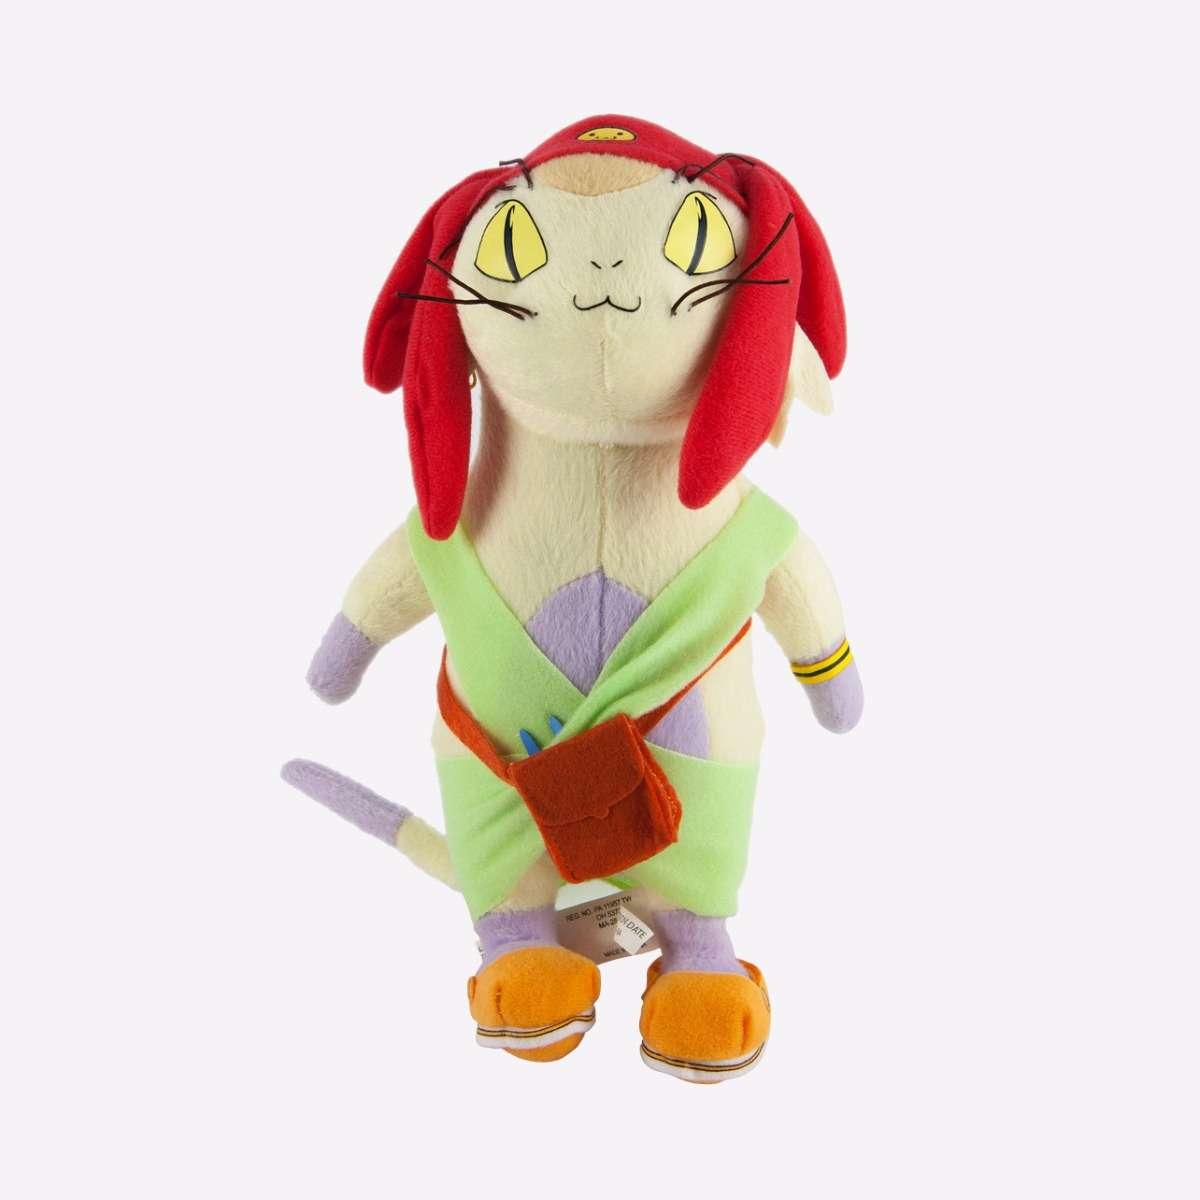 Meow Plush 9.5'' toys-games